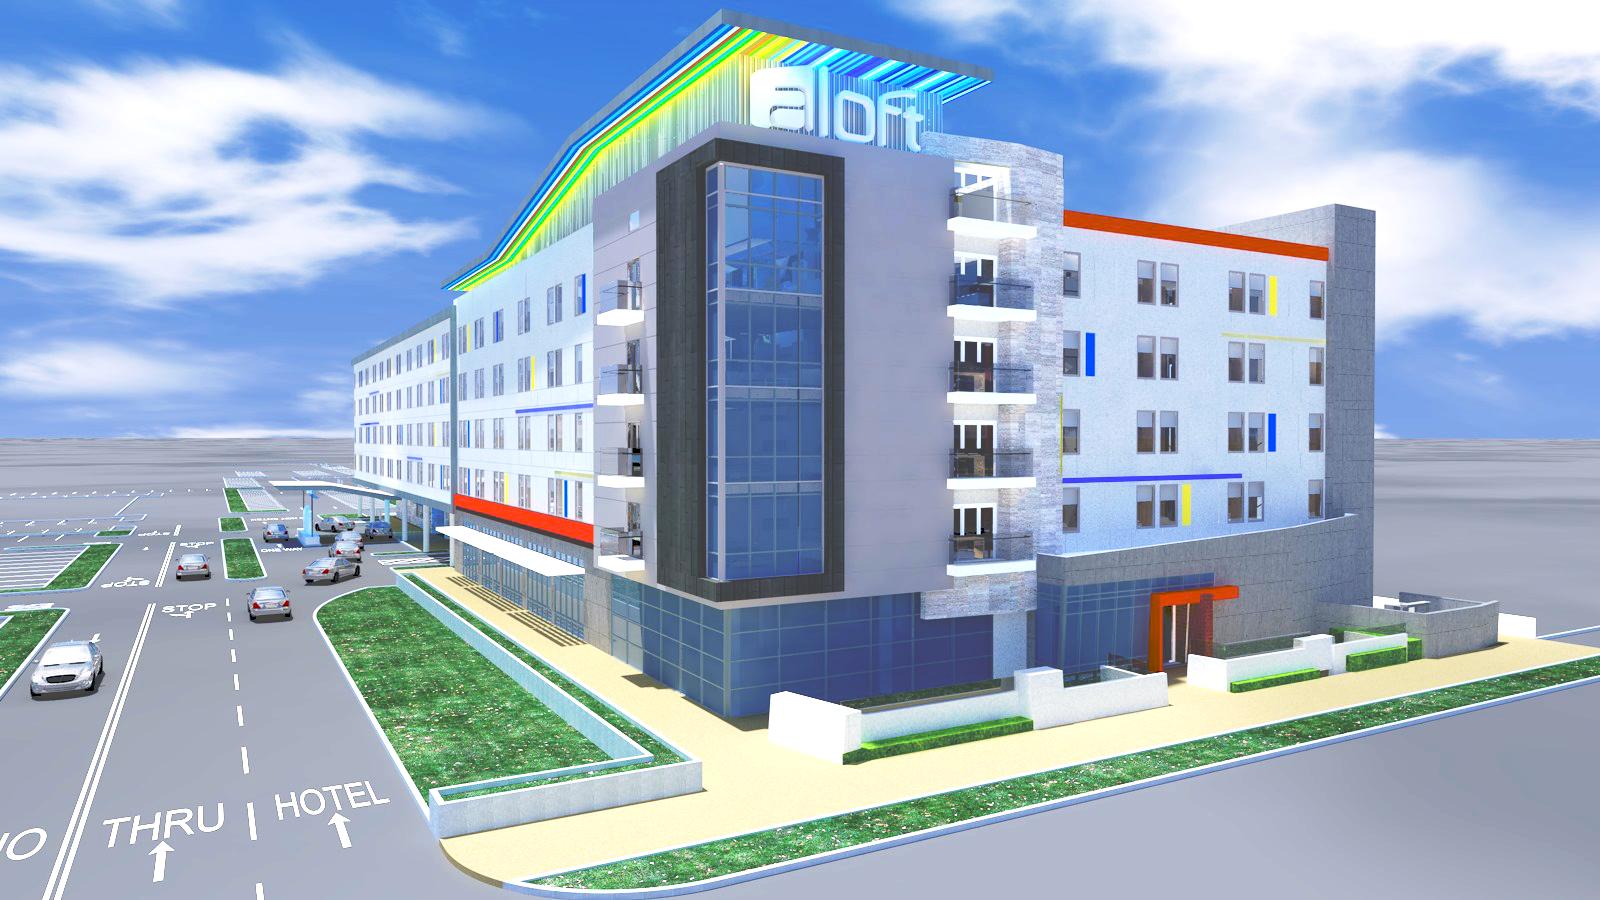 architecture exterior 3